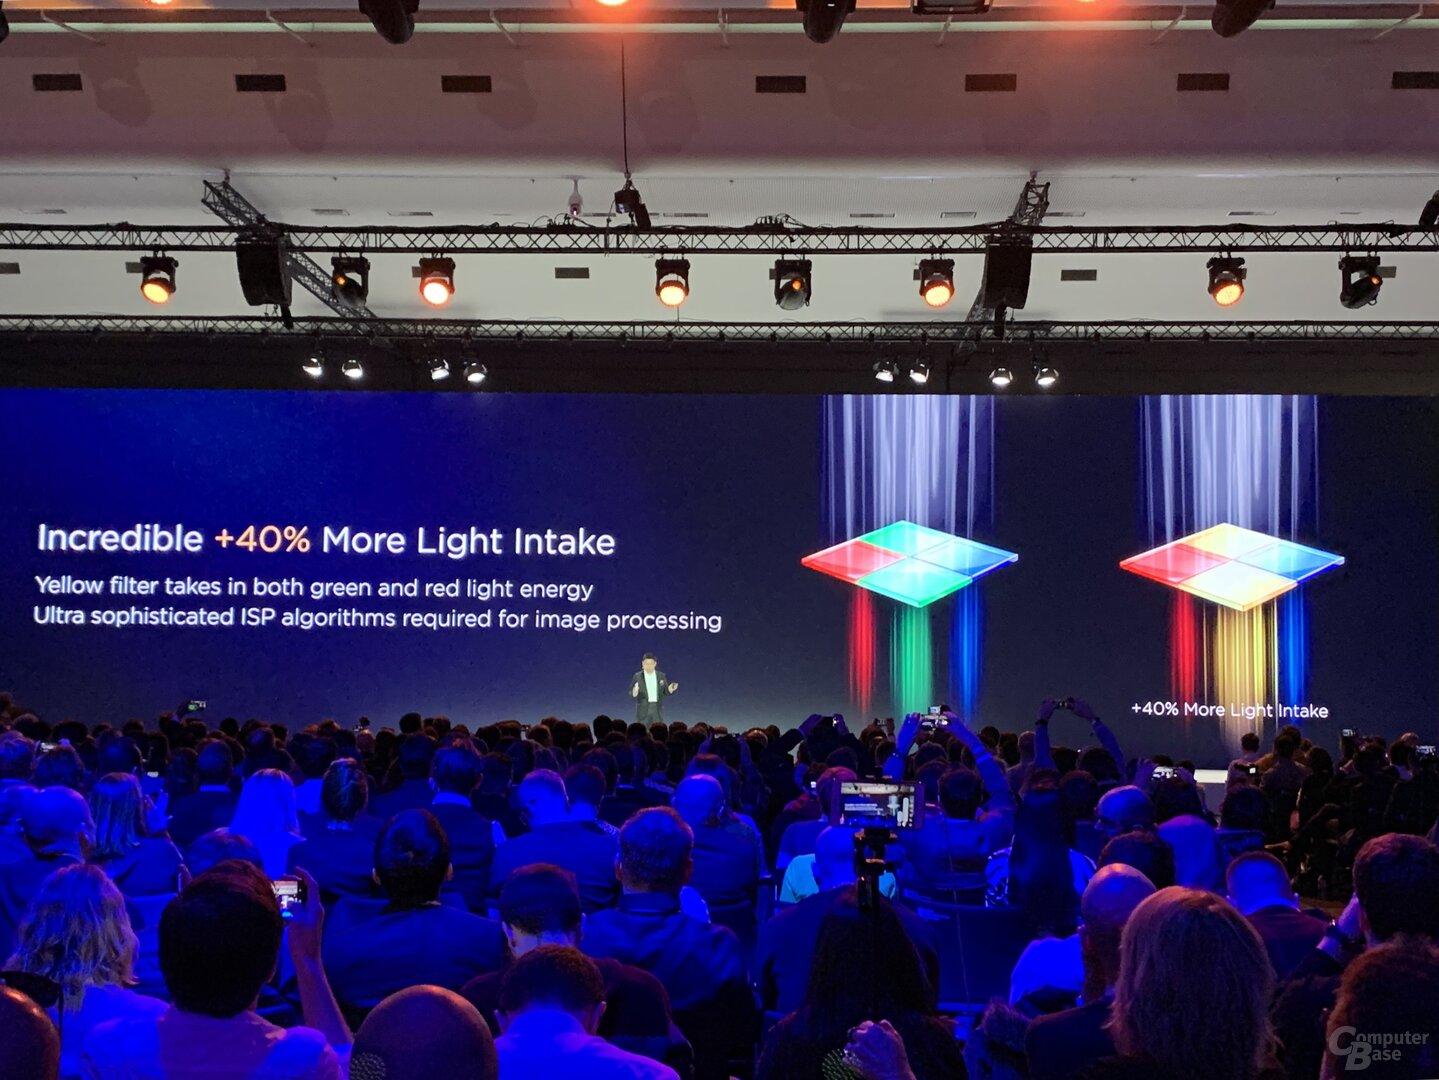 Die neue Anordnung soll 40 Prozent mehr Licht einfallen lassen